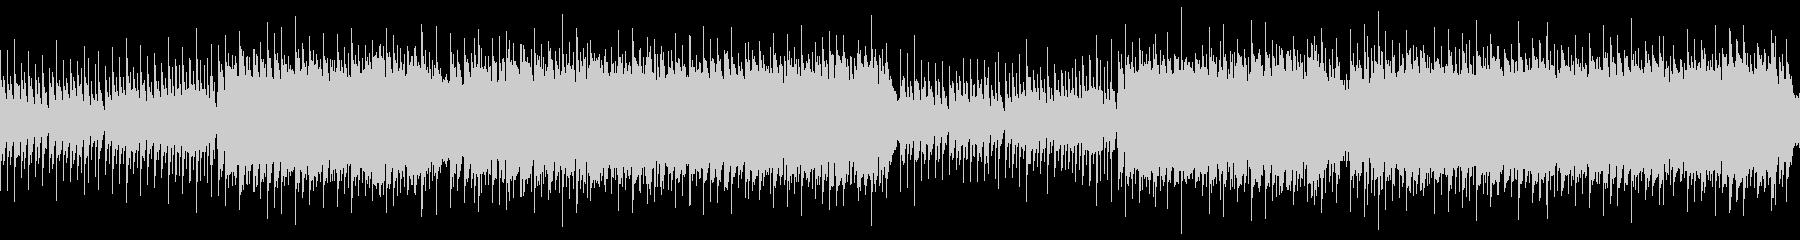 癒しヒーリングミュージック(ループ)の未再生の波形